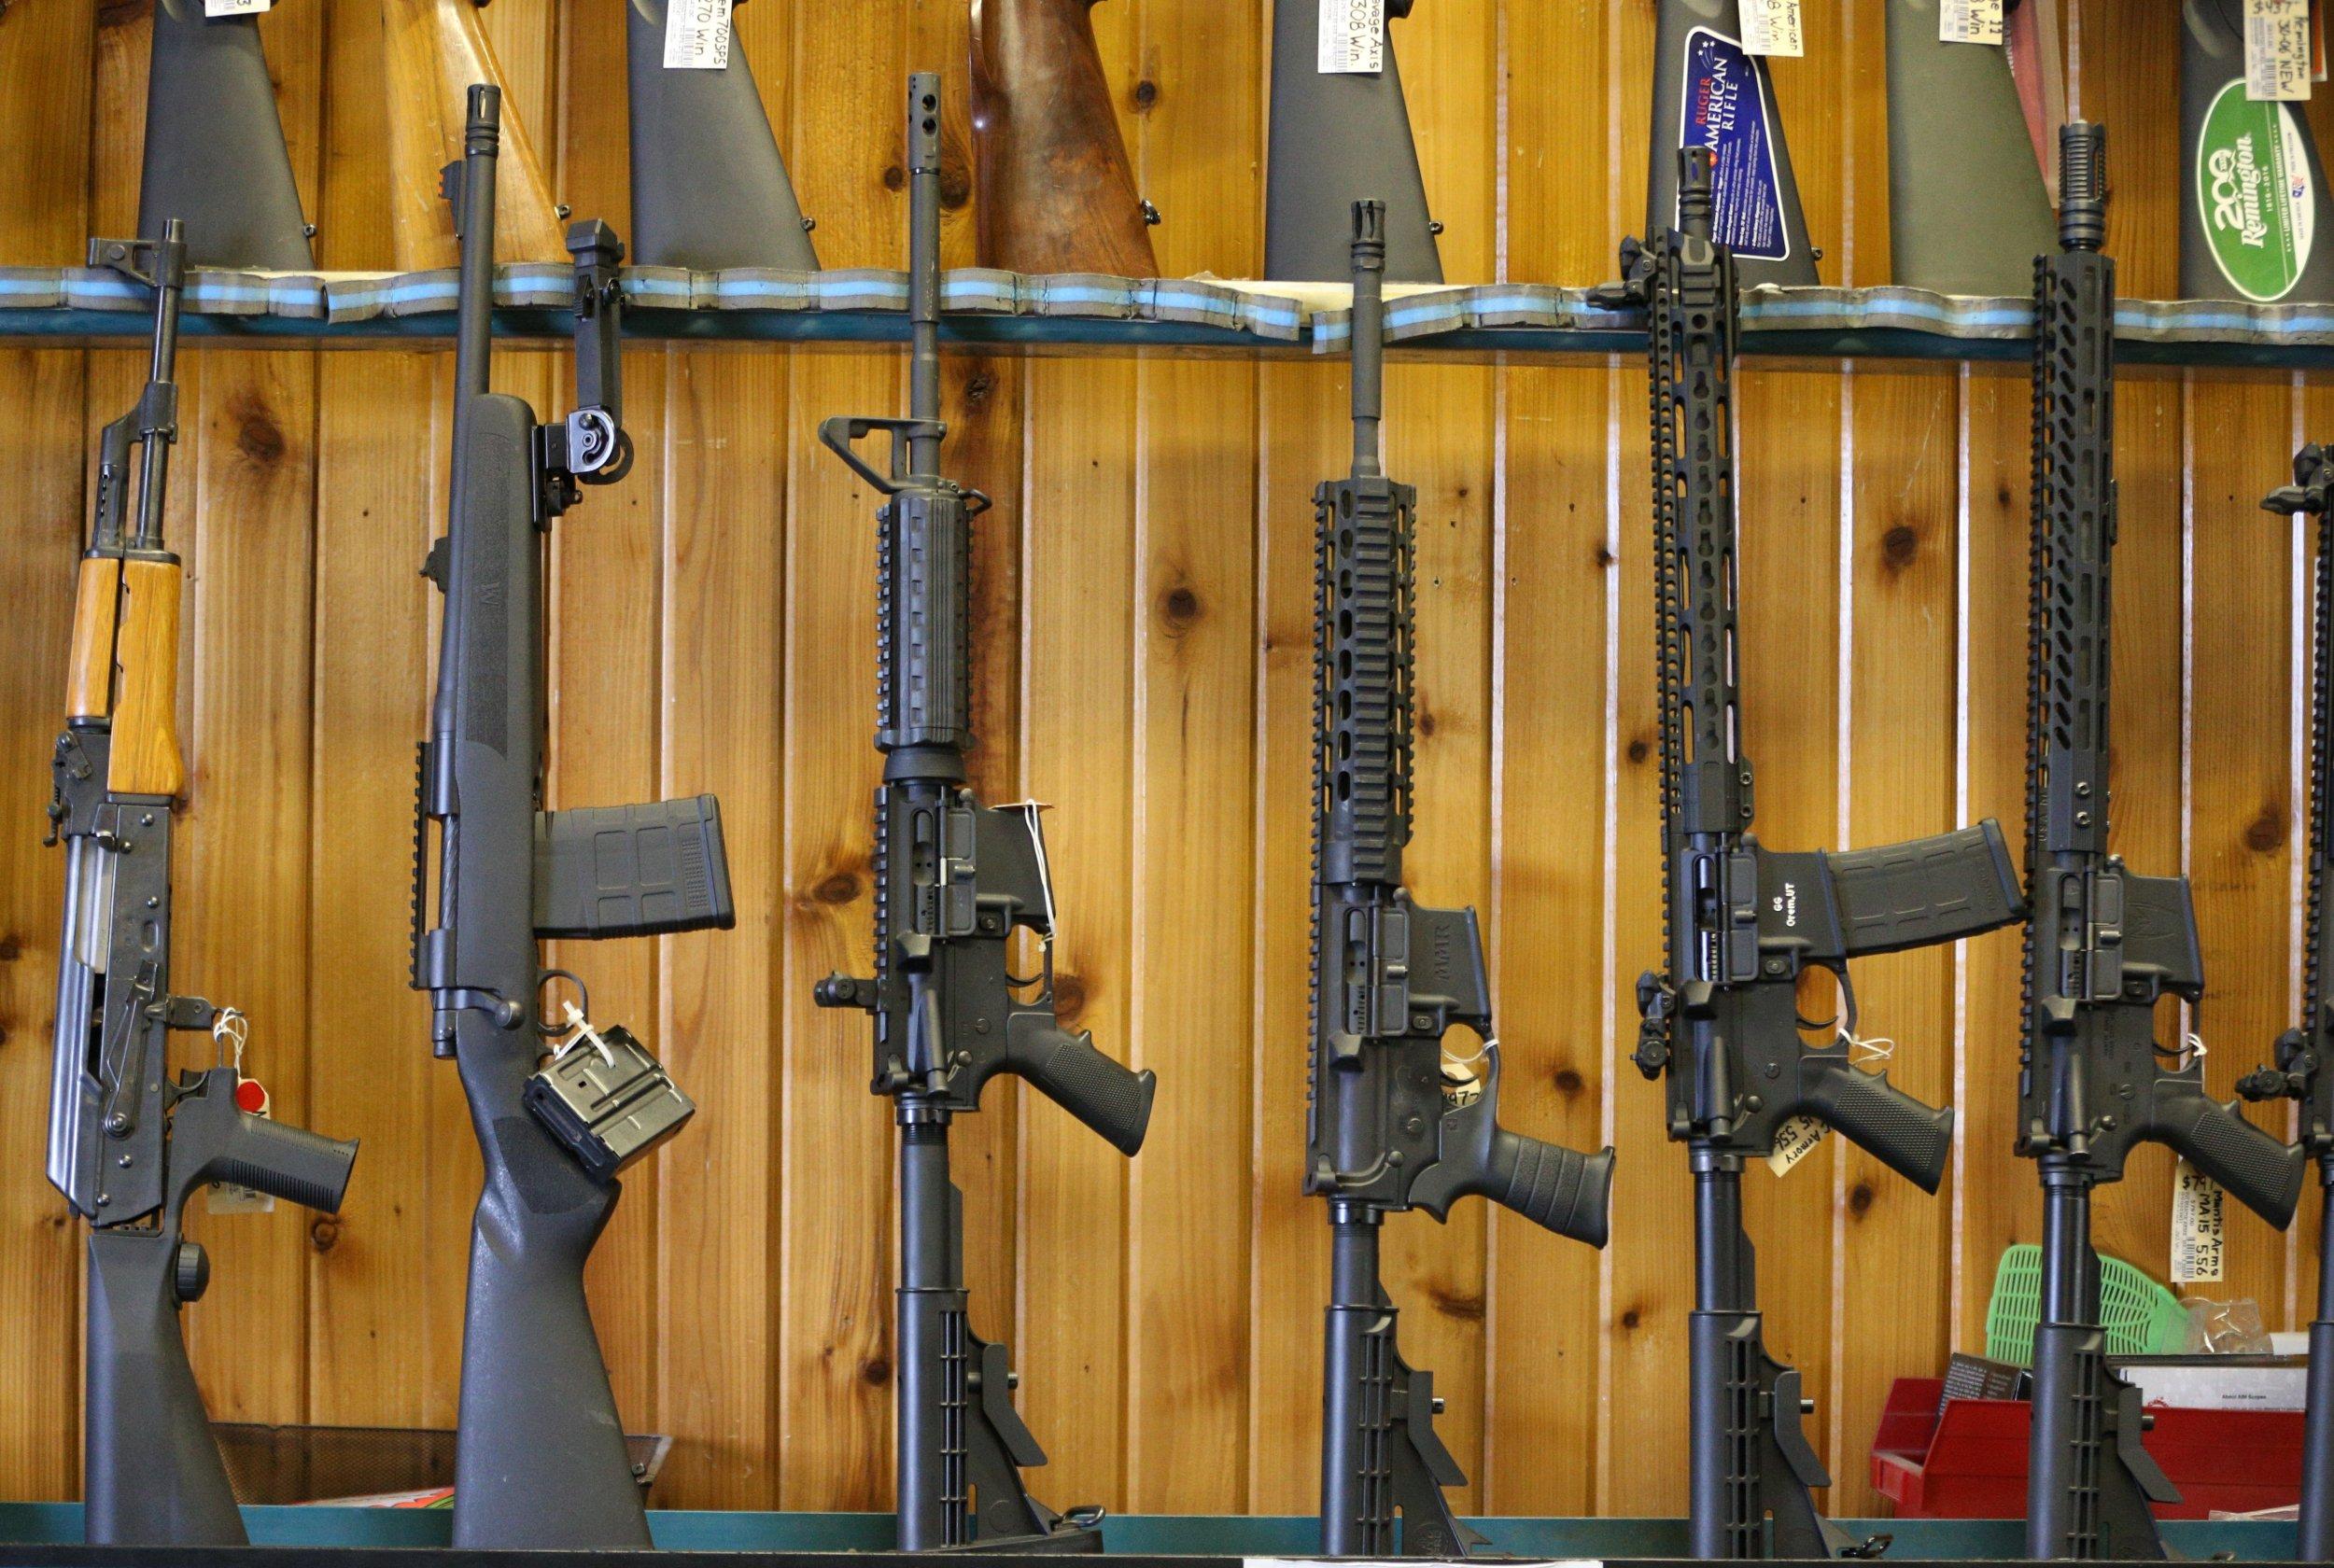 shoot a school kid appears on vandalized gun range